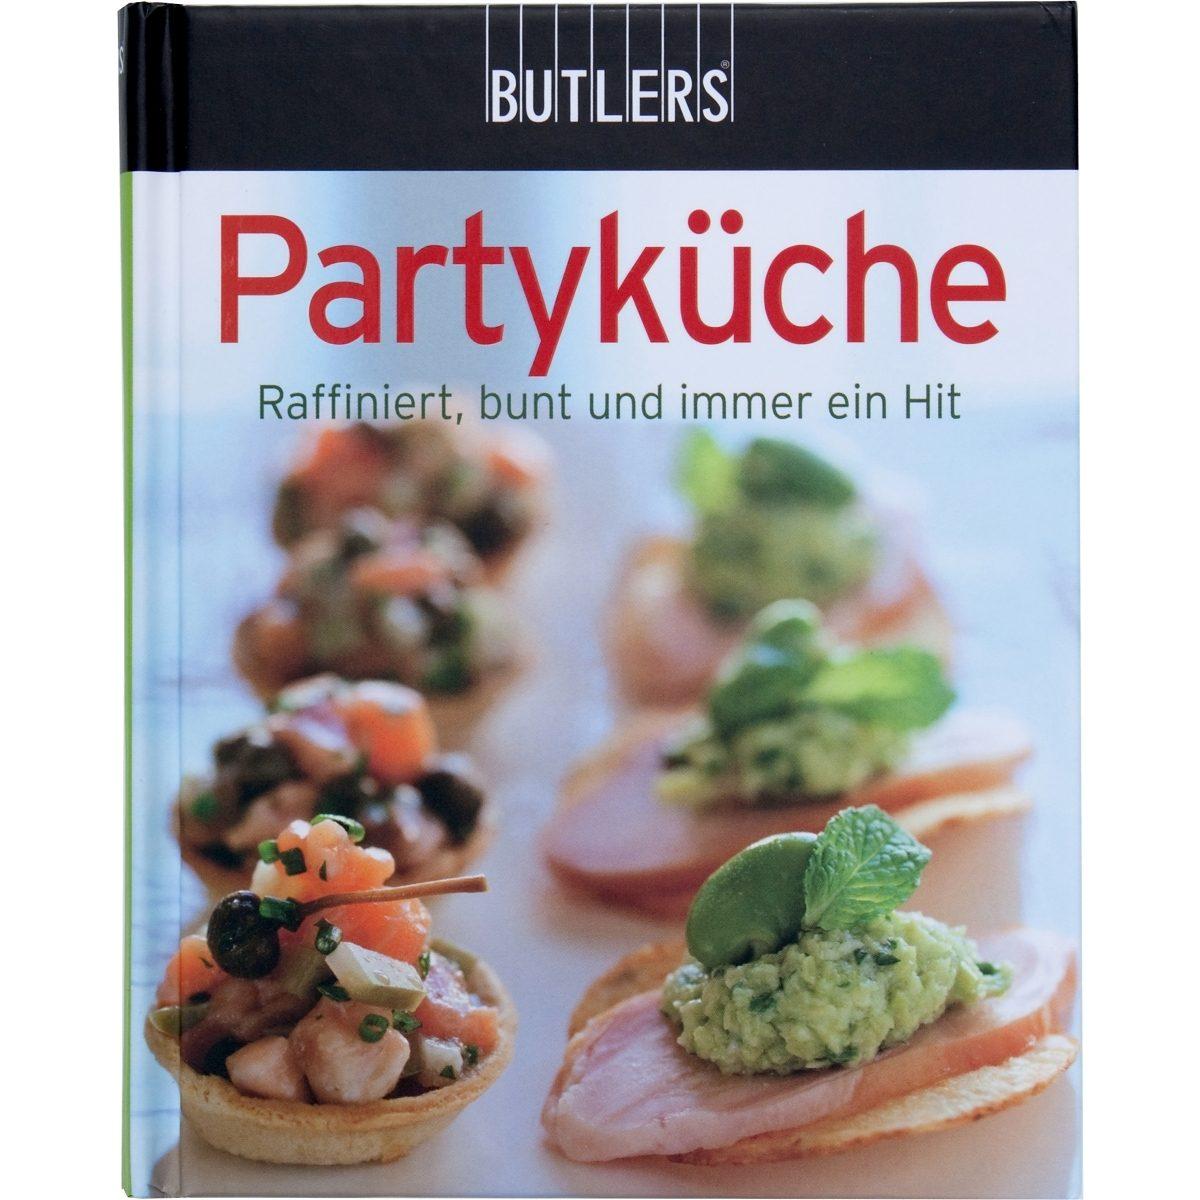 BUTLERS KOCHBUCH Mini »Partyküche«